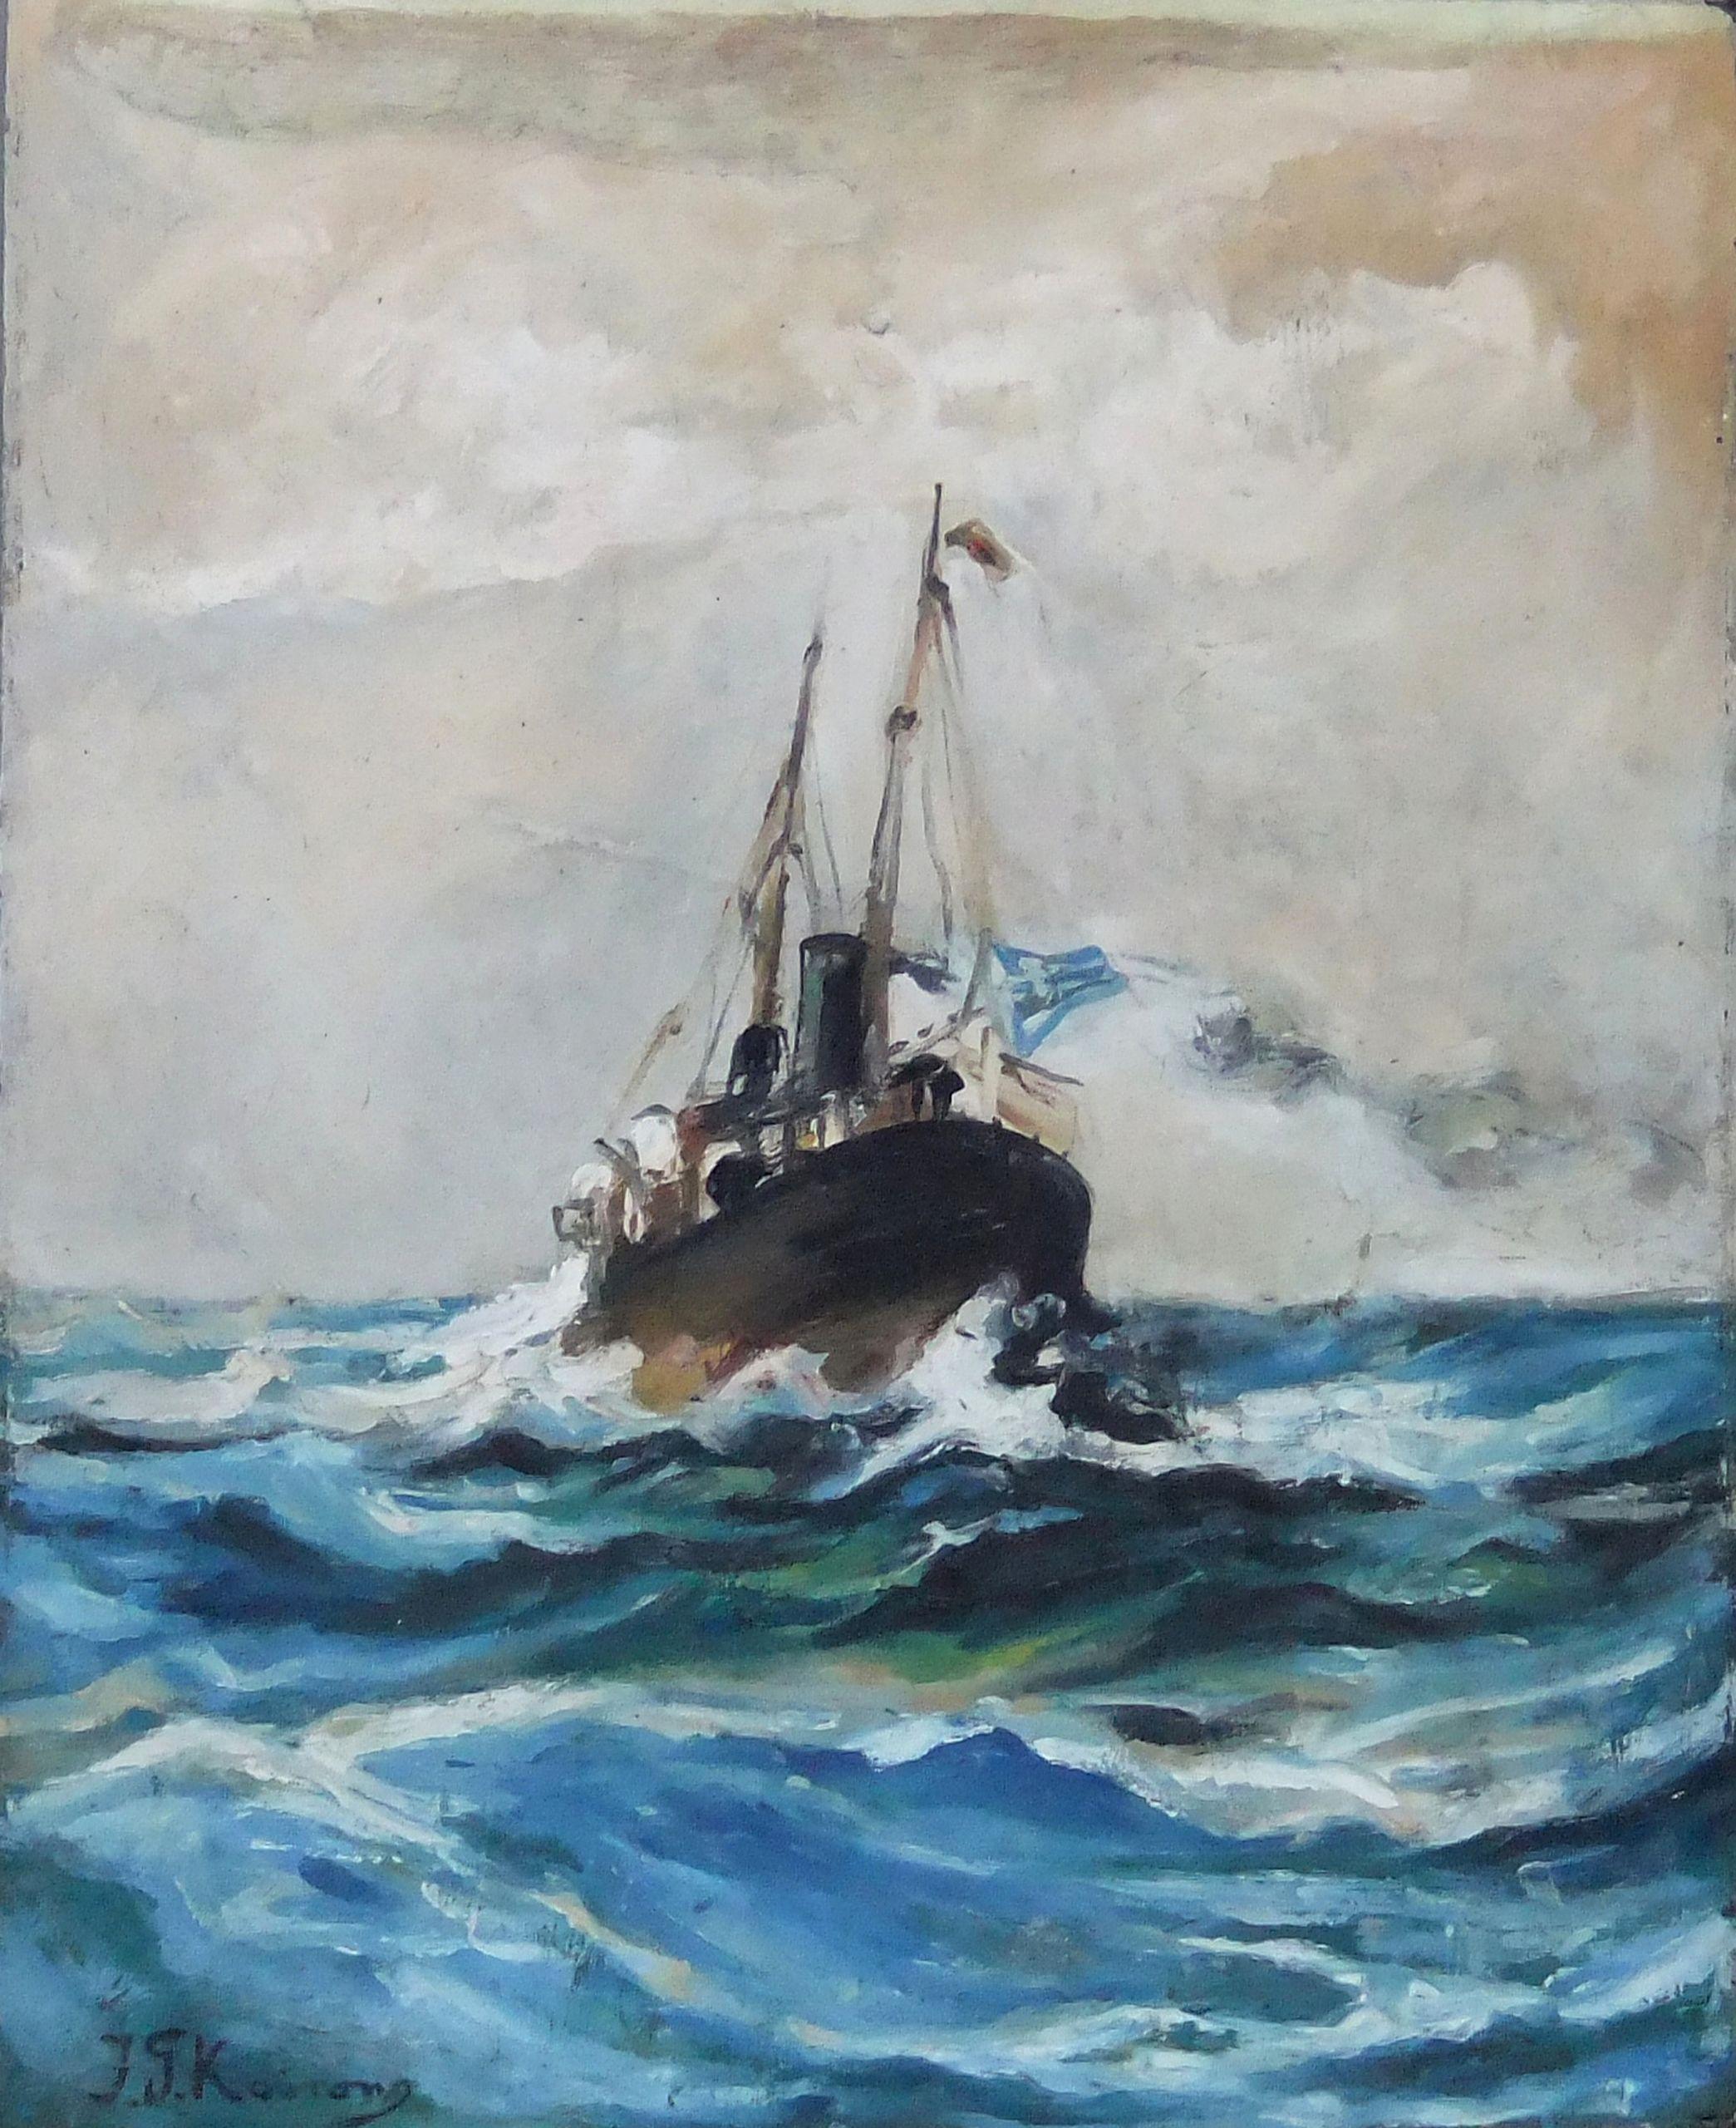 ΚΟΥΤΣΗΣ Ιωάννης  (1860 - 1953)